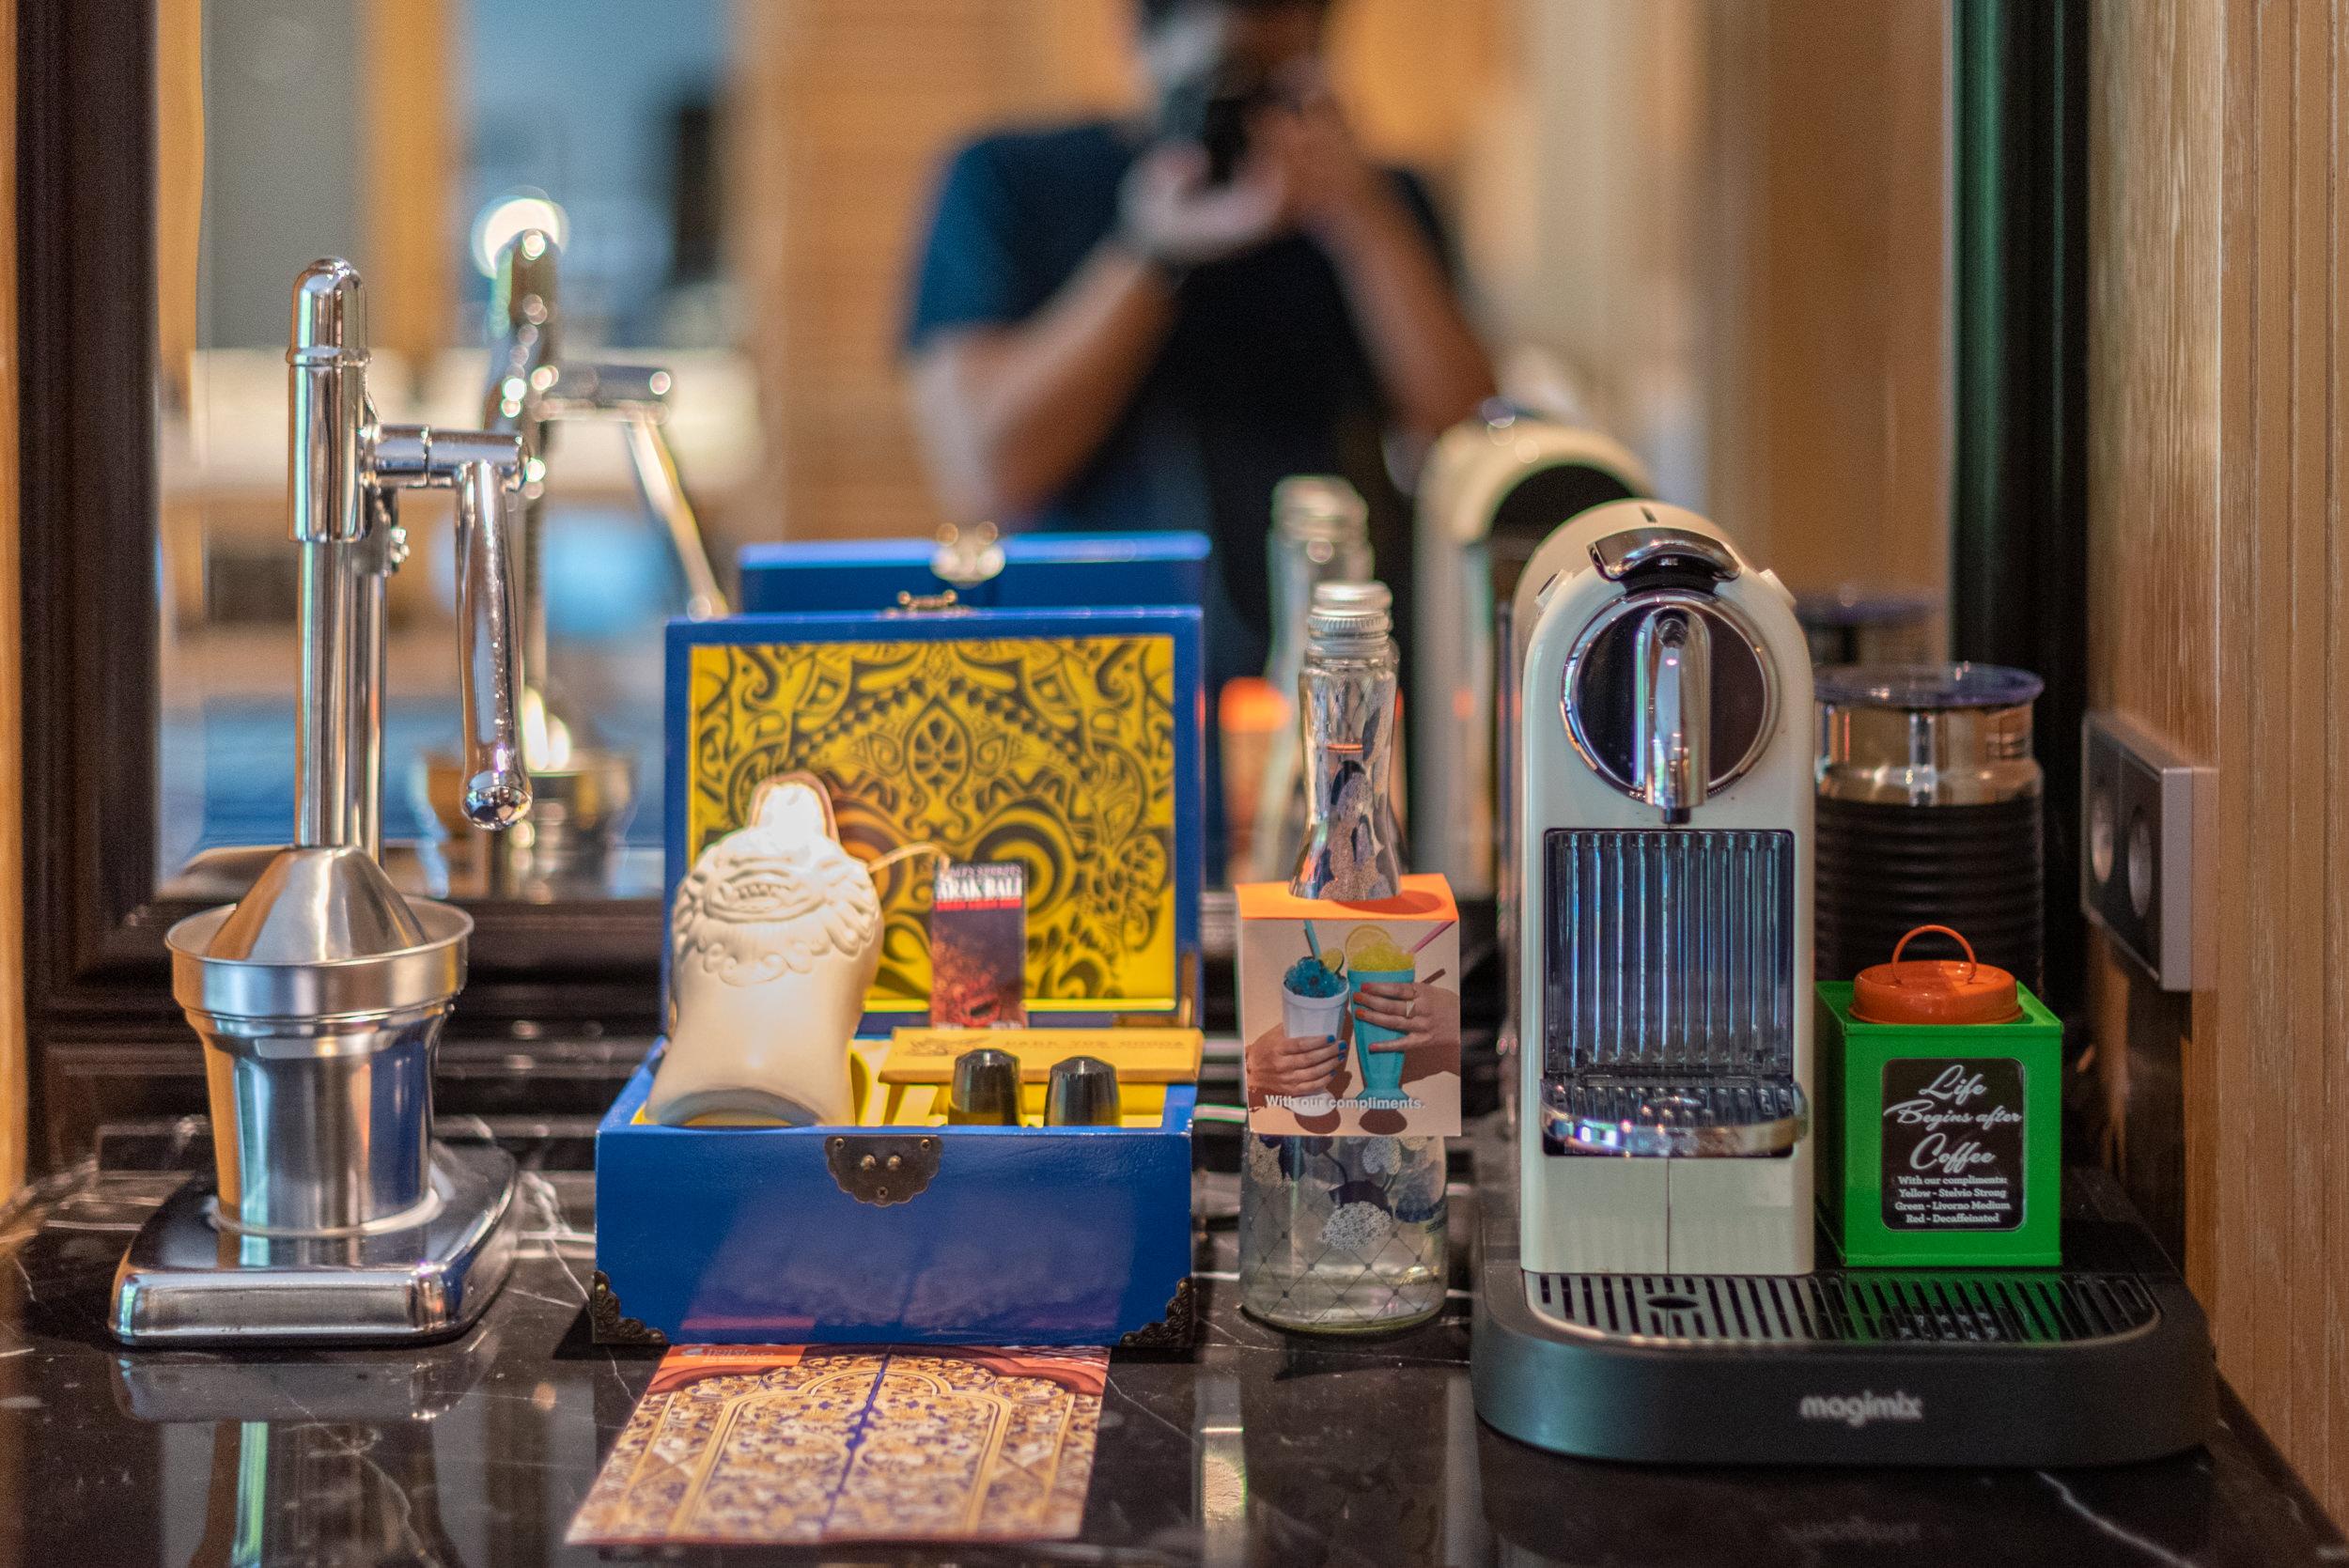 Coffee Machine and Manual Juicer  Perada Suite - Hotel Indigo Bali Seminyak Beach